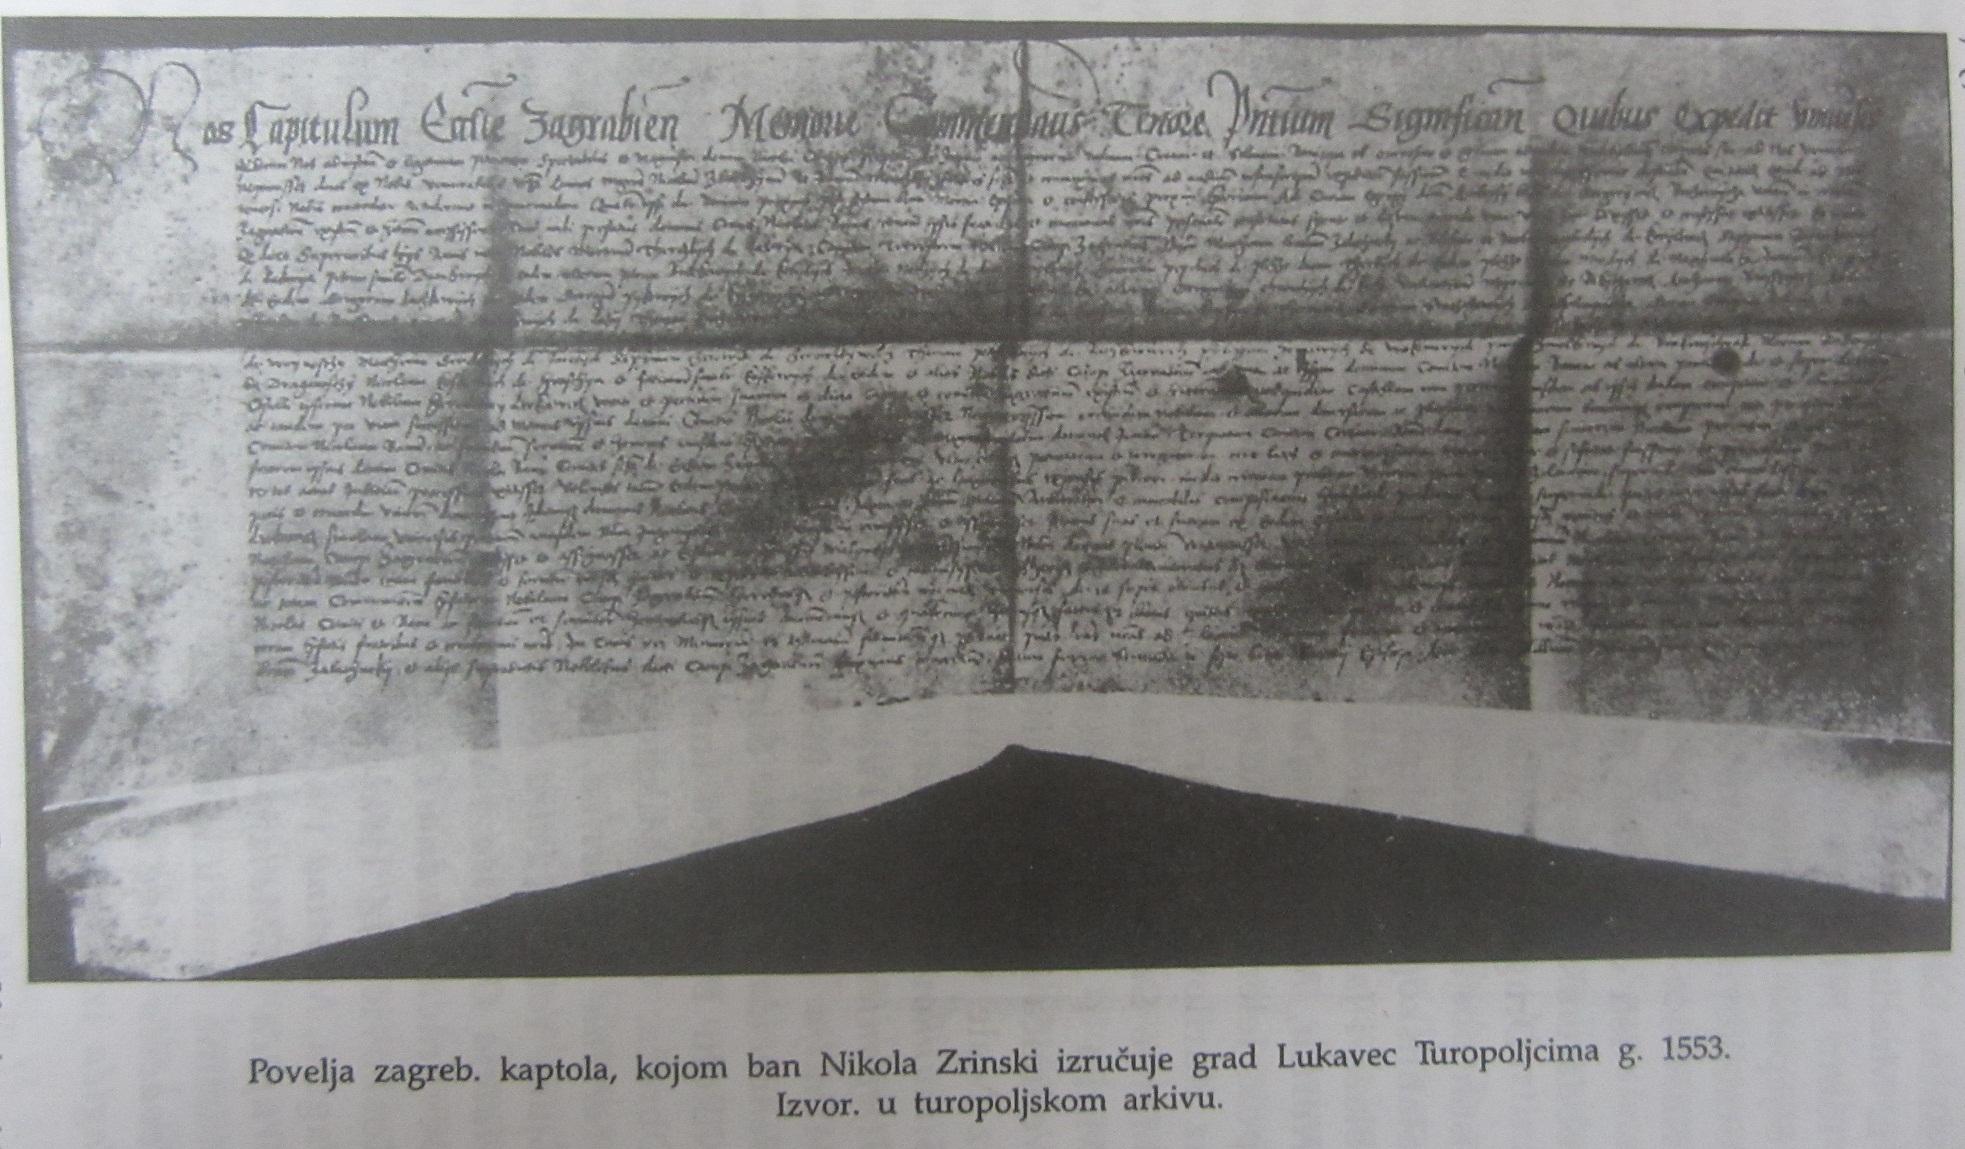 Kaptolska povelja kojom se Lukavec izručuje Turopoljcima (1553.)